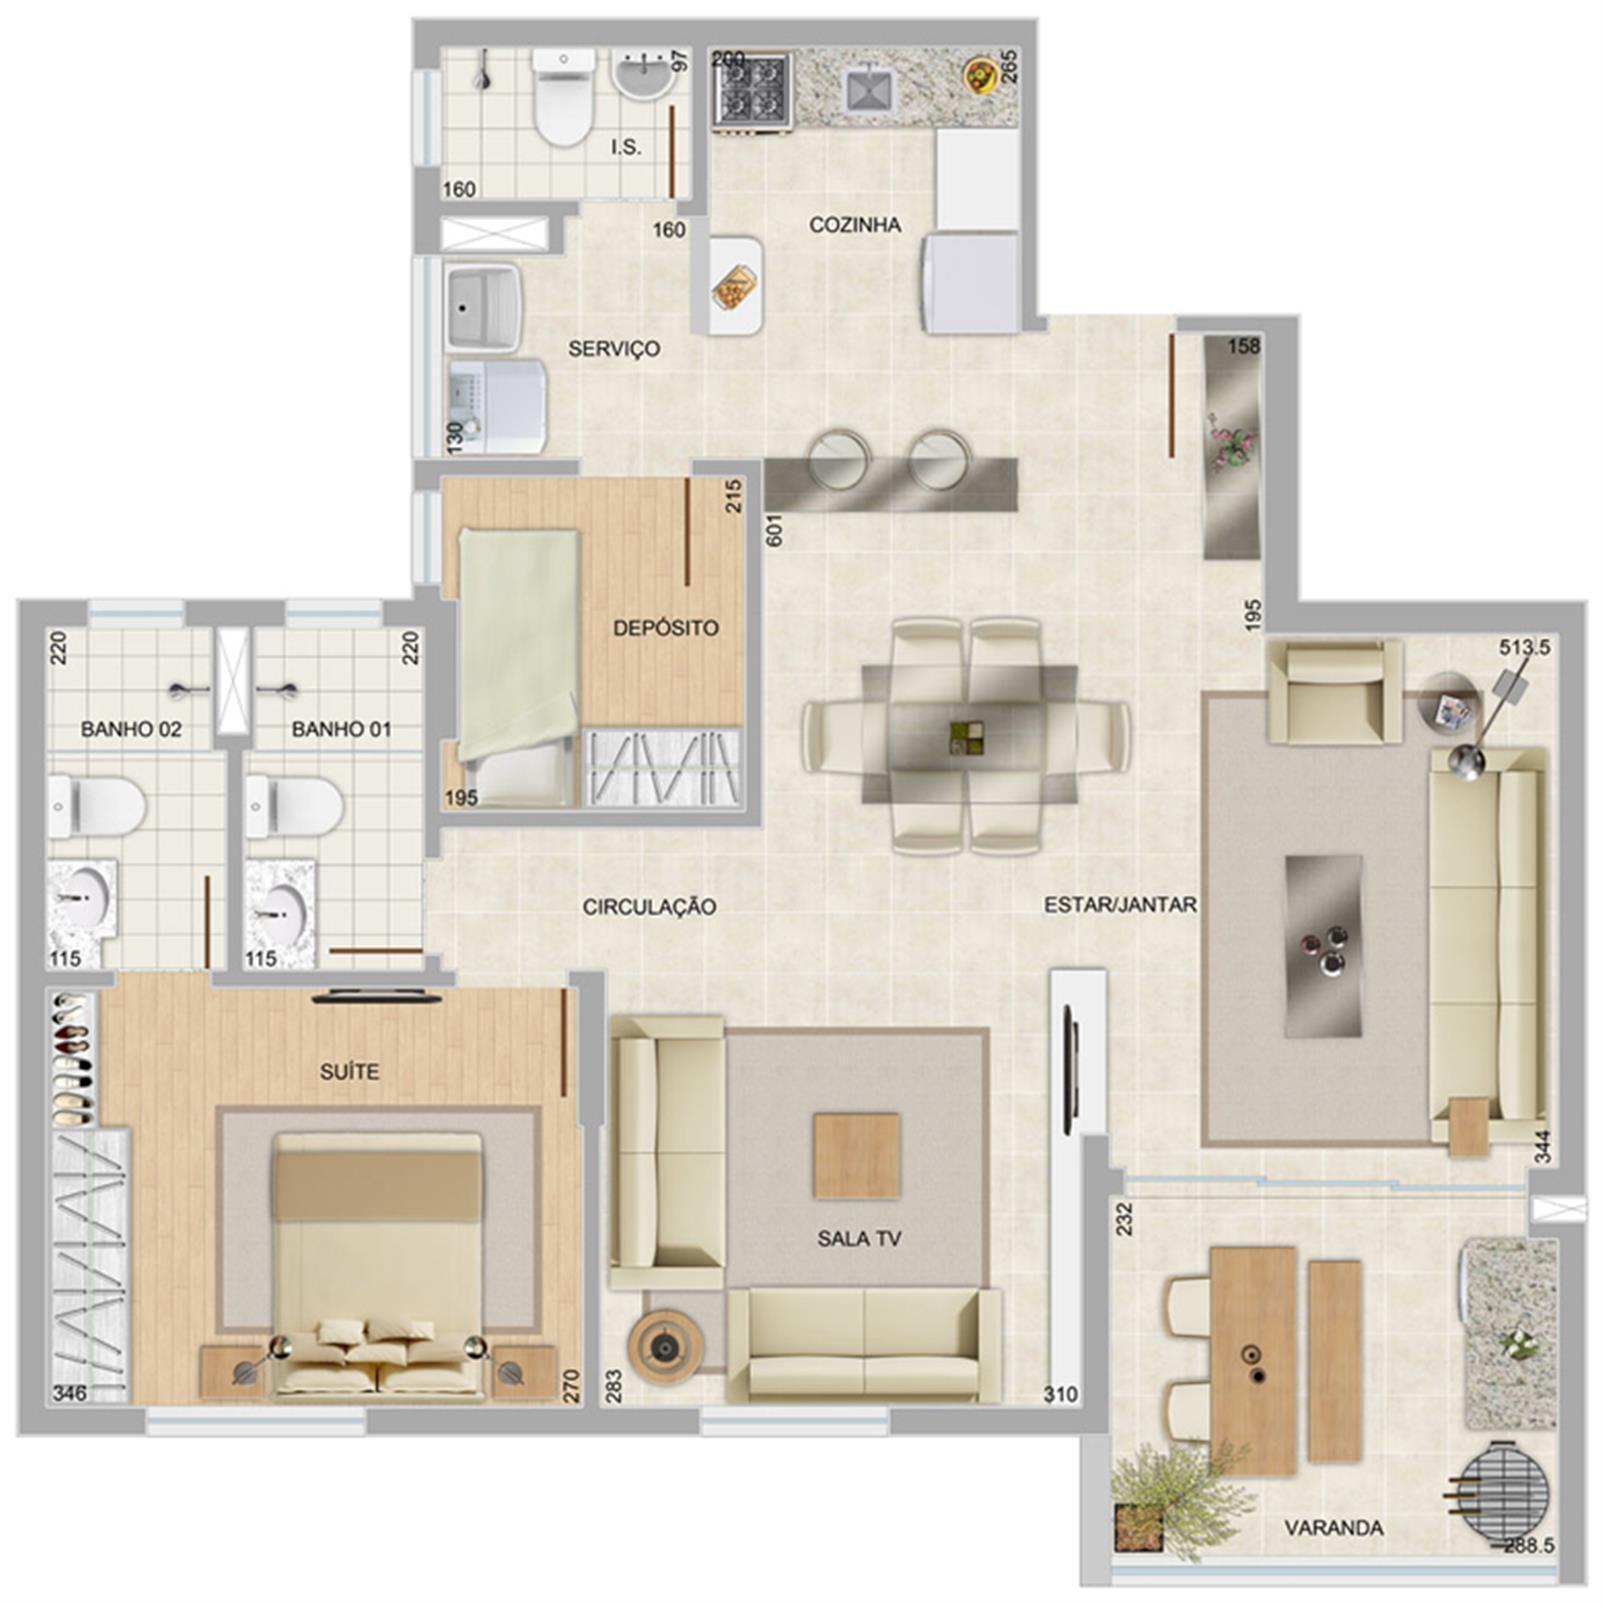 Perspectiva ilustrativa do apartamento tipo panorama | Condomínio Varandas da Serra – Apartamentona  Serra - Belo Horizonte - Minas Gerais